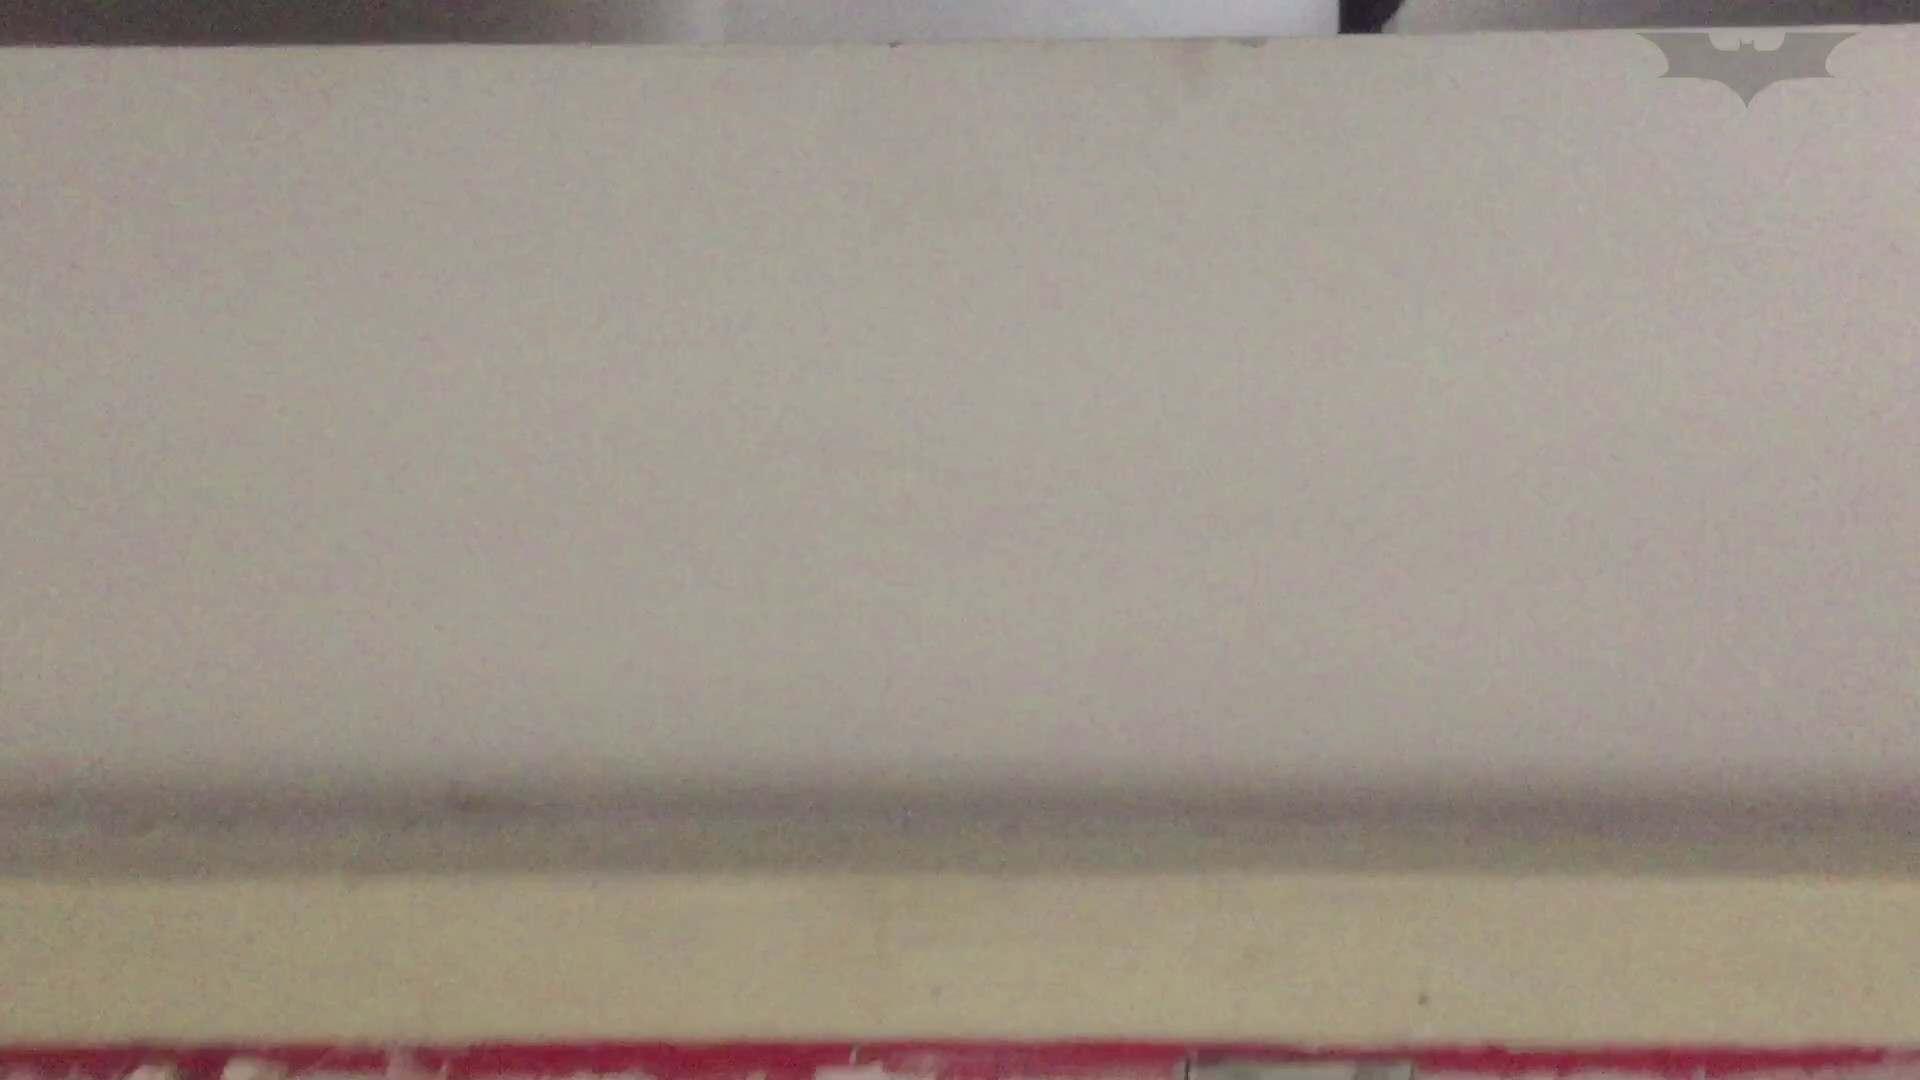 JD盗撮 美女の洗面所の秘密 Vol.73 トイレで・・・ われめAV動画紹介 67画像 29